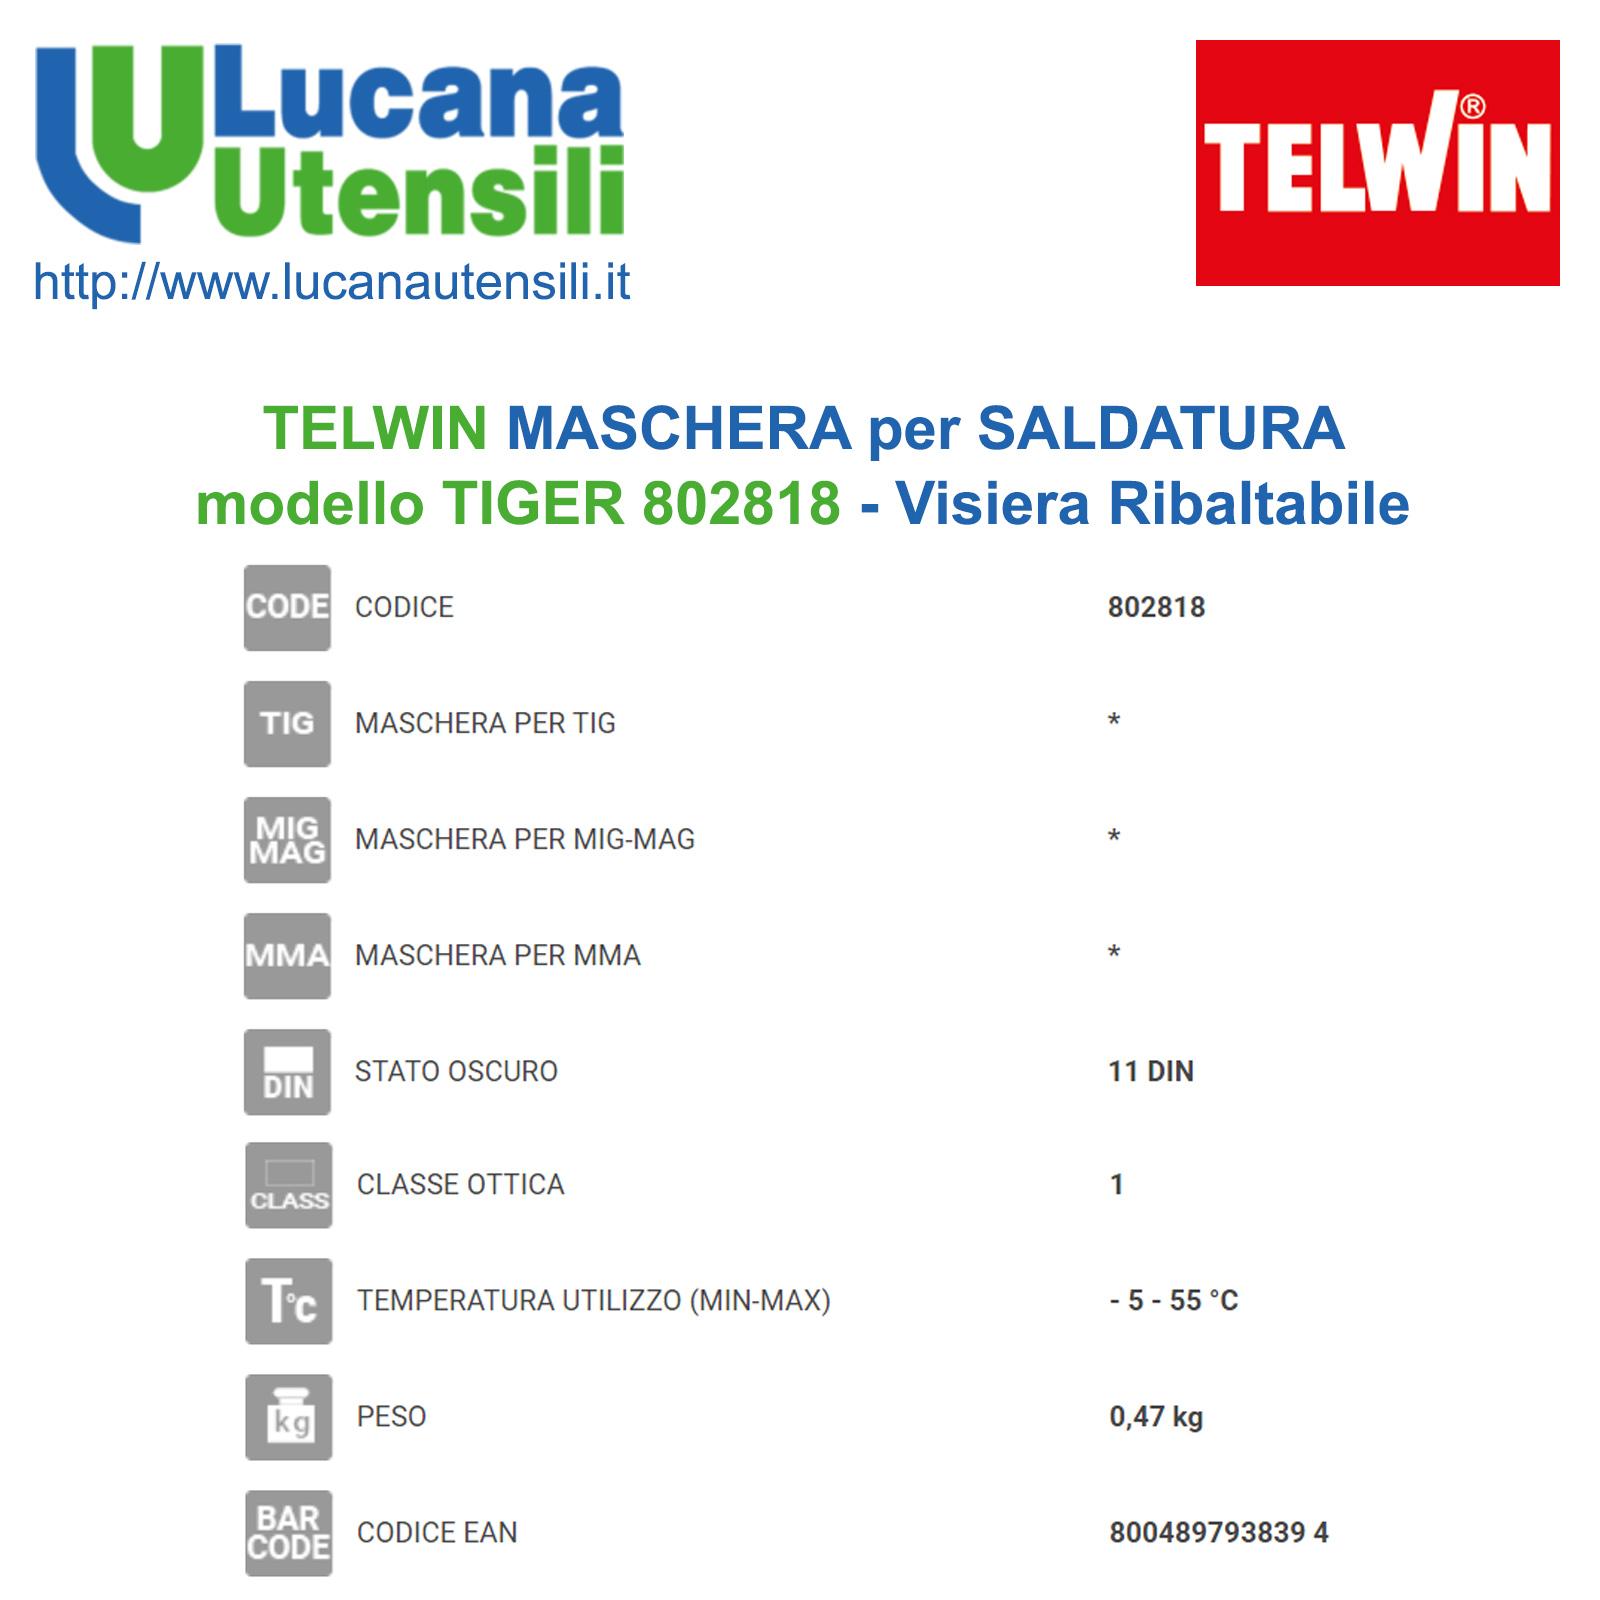 Maschera Tiger MMA//MIG-MAG//TIG Telwin 802818 X SALDATURA